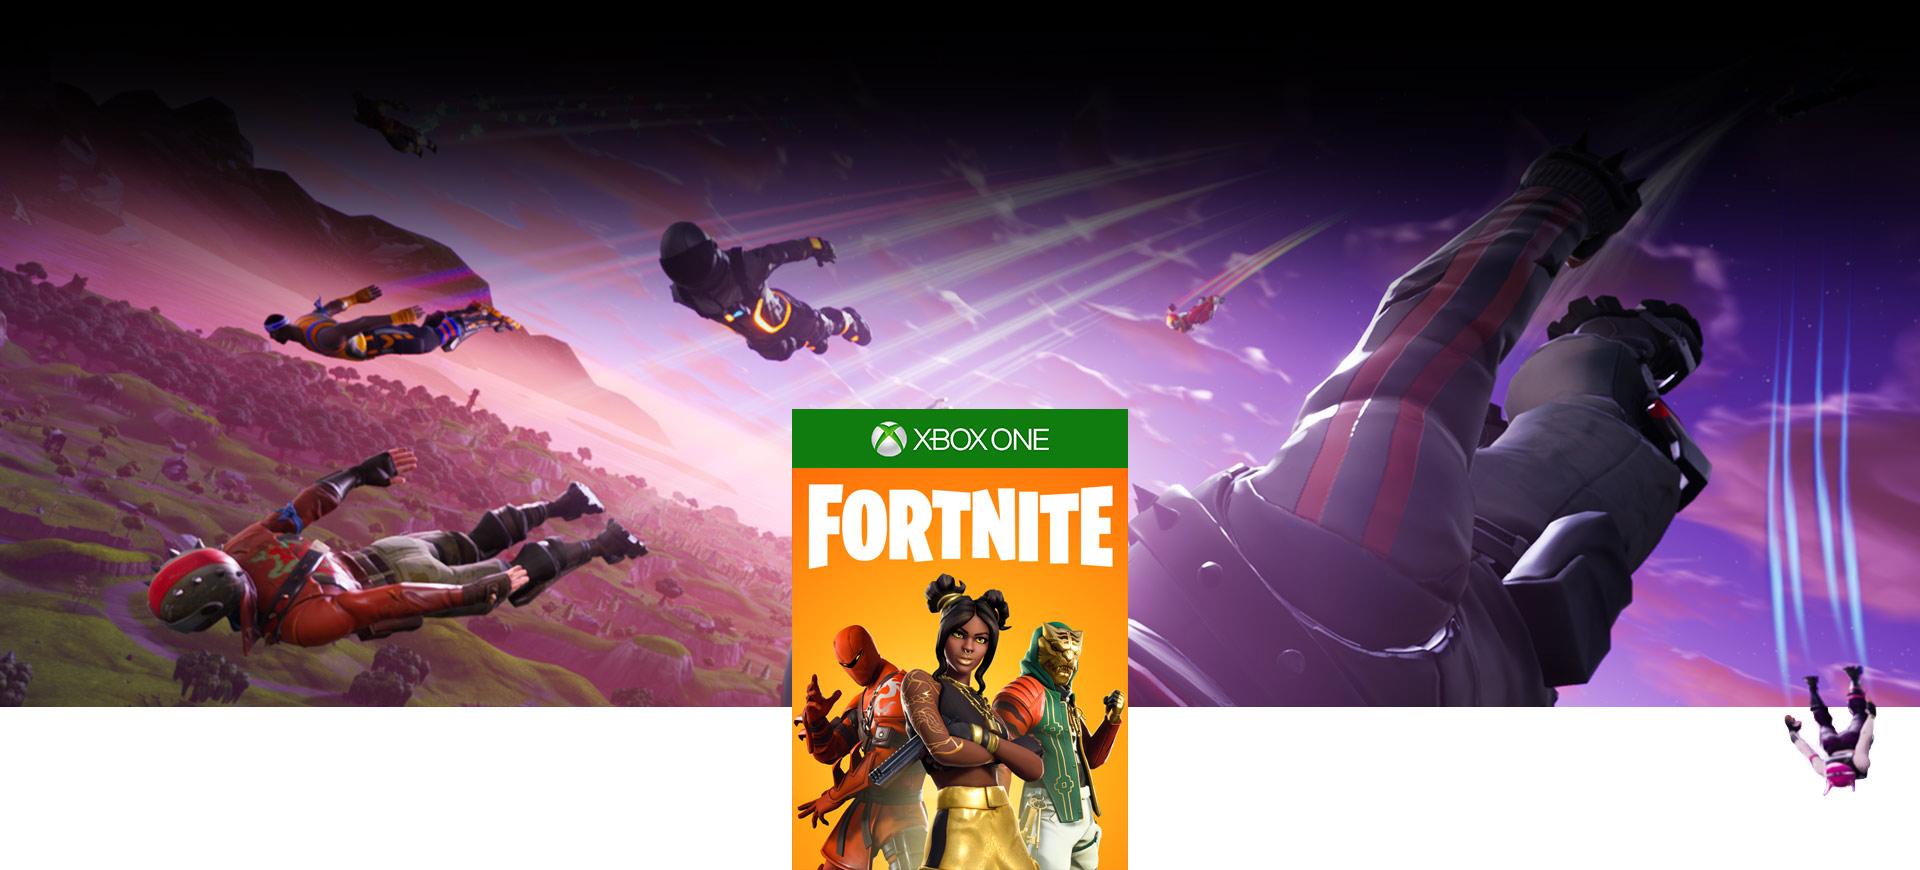 Fortnite kutu resmi, Fortnite karakterleri hava dalışı yapıyor